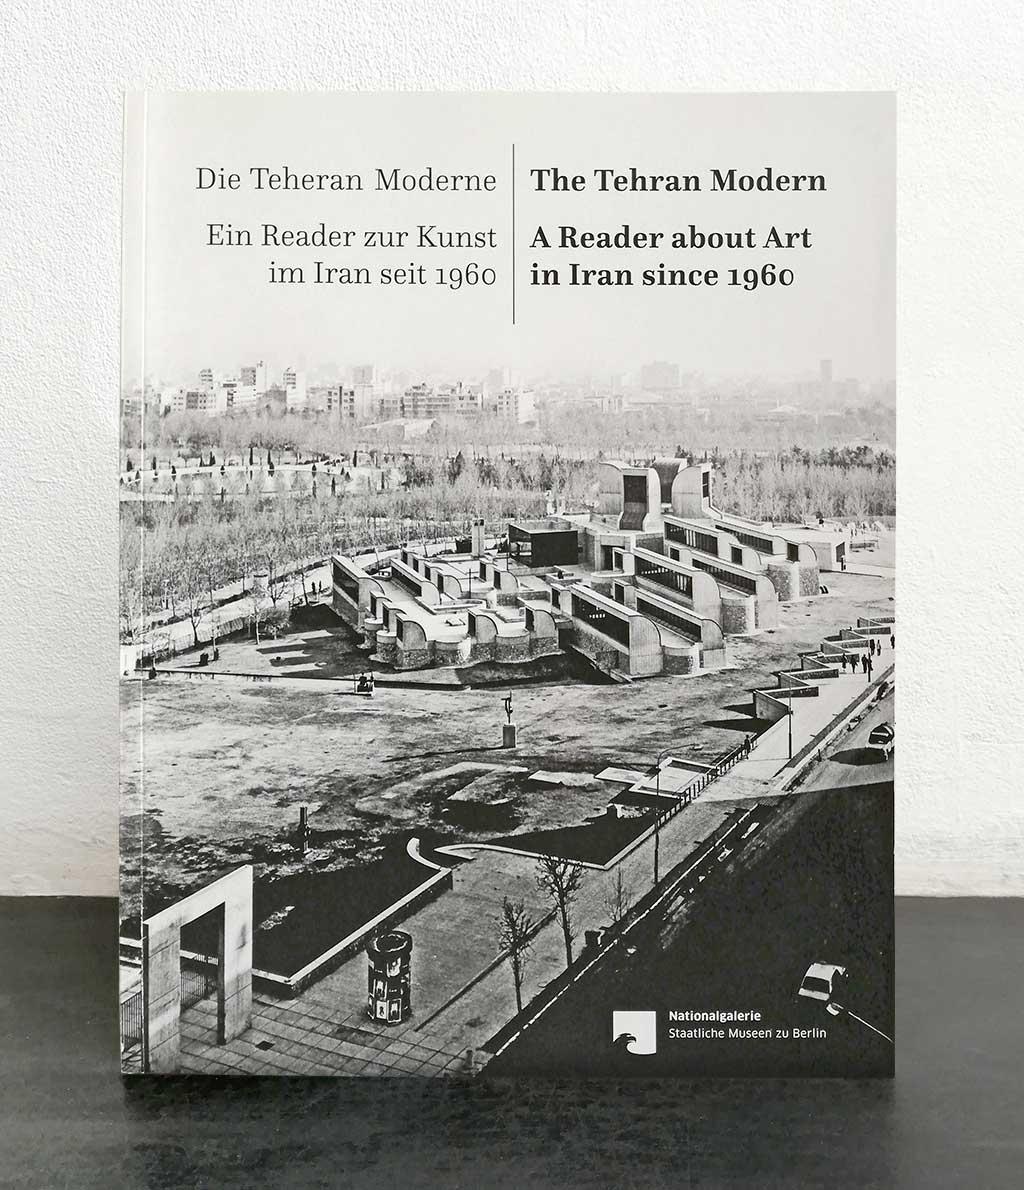 Die Teheran Moderne | The Tehran Modern